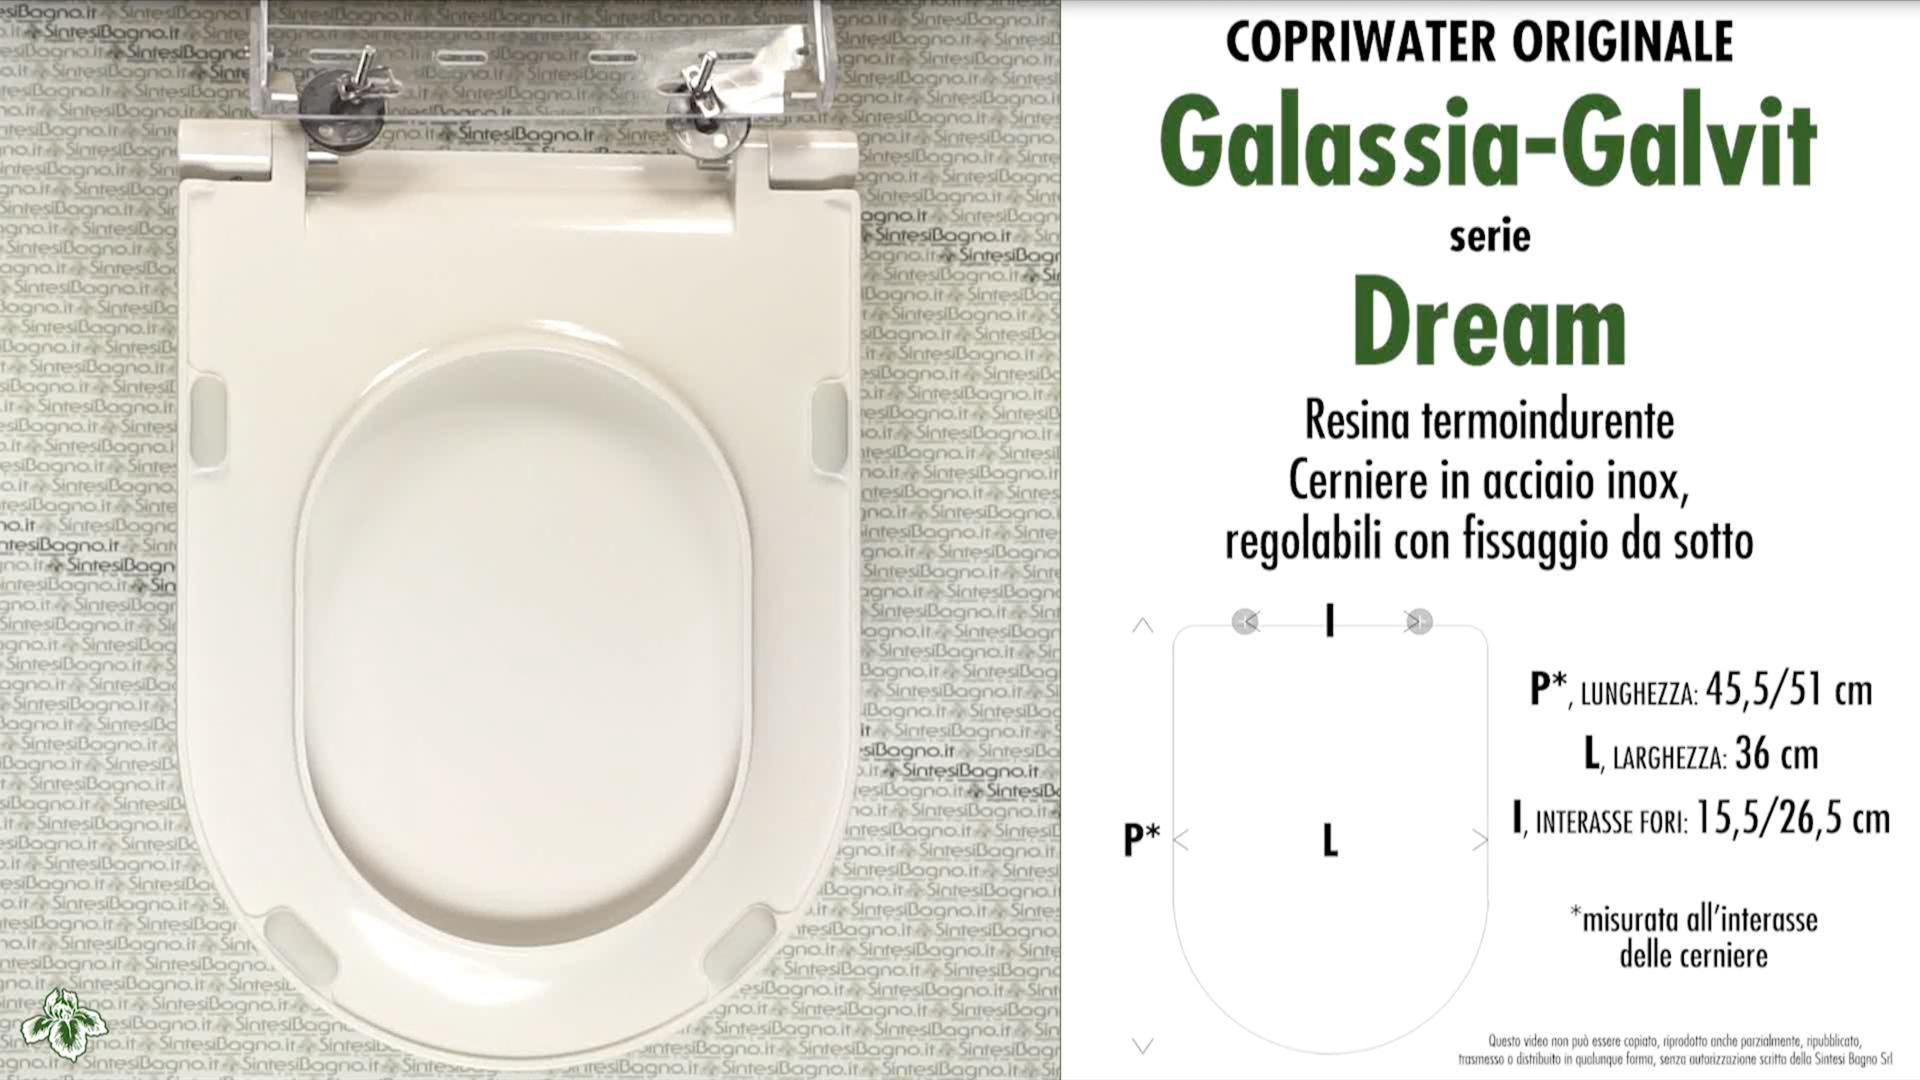 SCHEDA TECNICA MISURE copriwater GALASSIA-GALVIT DREAM